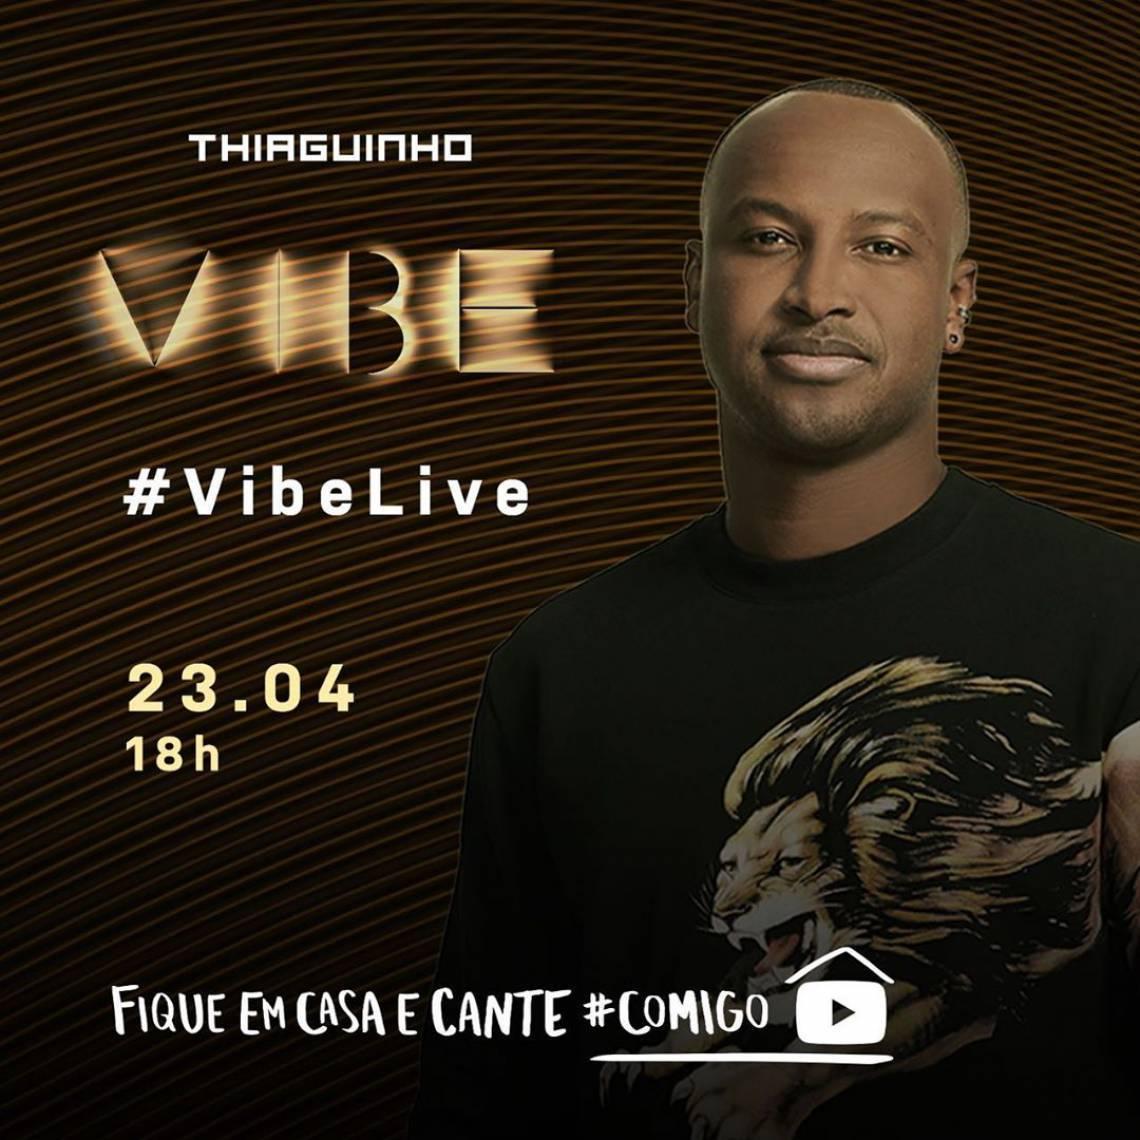 Acompanhe a agenda de transmissões ao vivo online - live - de artistas nacionais e internacionais para hoje, quinta-feira, 23 de abril (23/04); Thiaguinho é uma das atrações da noite